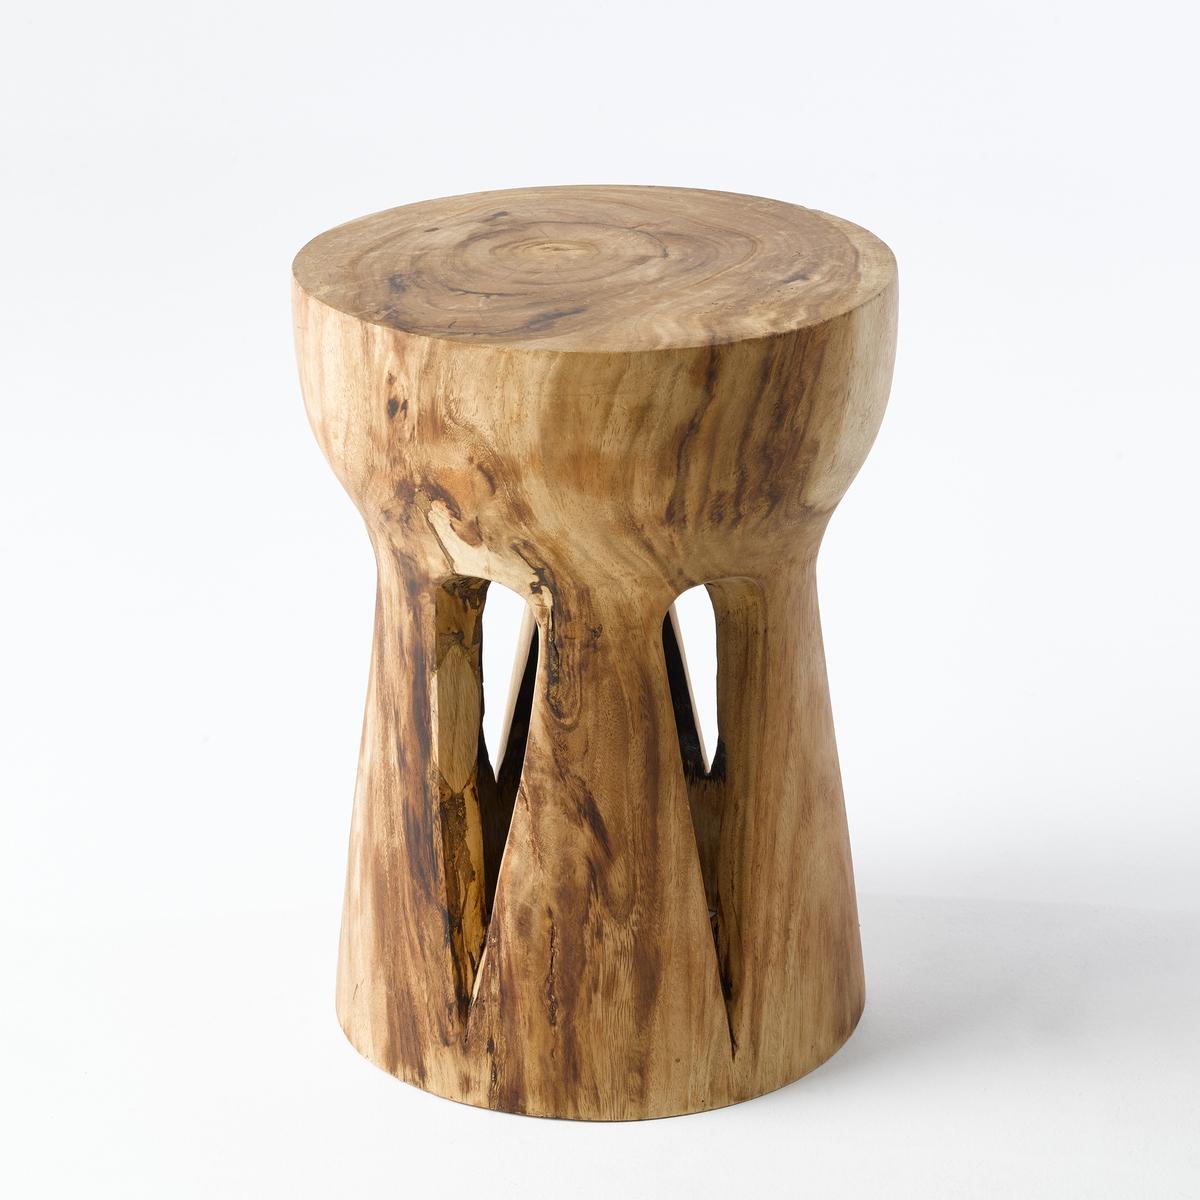 Столик диванный PapungДиванный столик Papung. Можно использовать отдельно или в сочетании с другими моделями из нашей коллекции, которые продаются на нашем сайте Характеристики :- Массив дерева суар. Каждое изделие уникально.  Размеры:- диаметр 30 x высота 45 см<br><br>Цвет: серо-бежевый